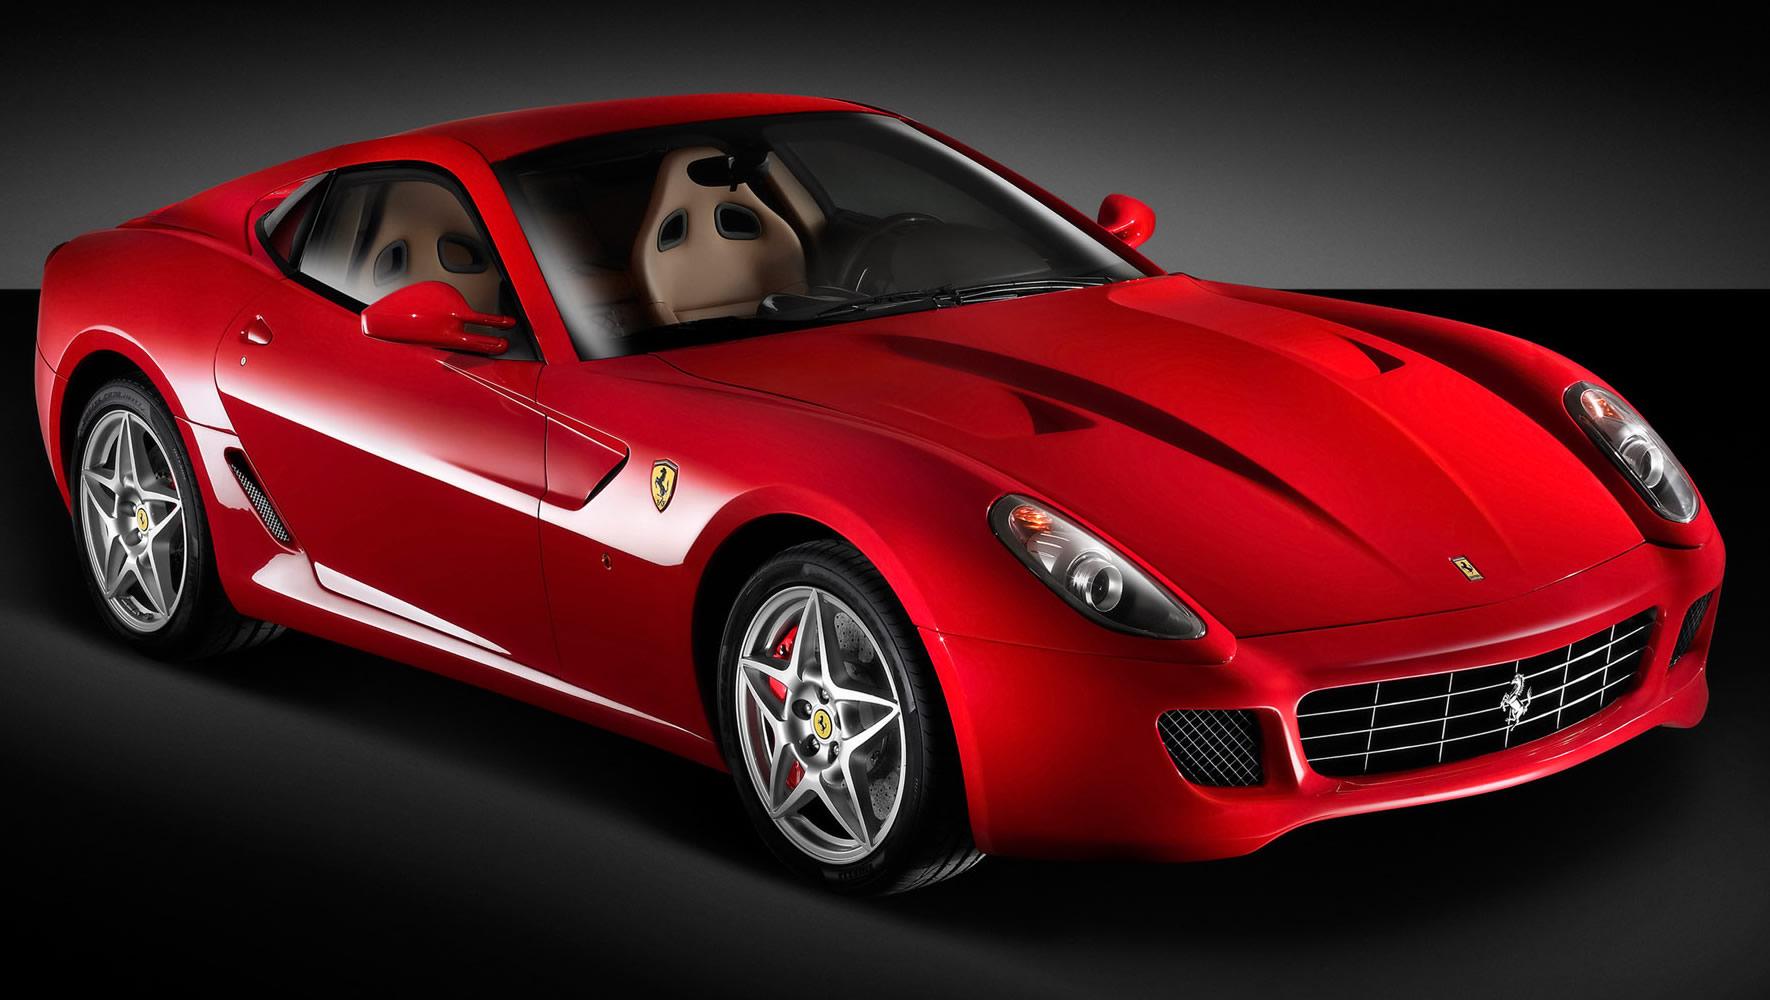 красная машина феррари, red car, wallpaper, скачать фото